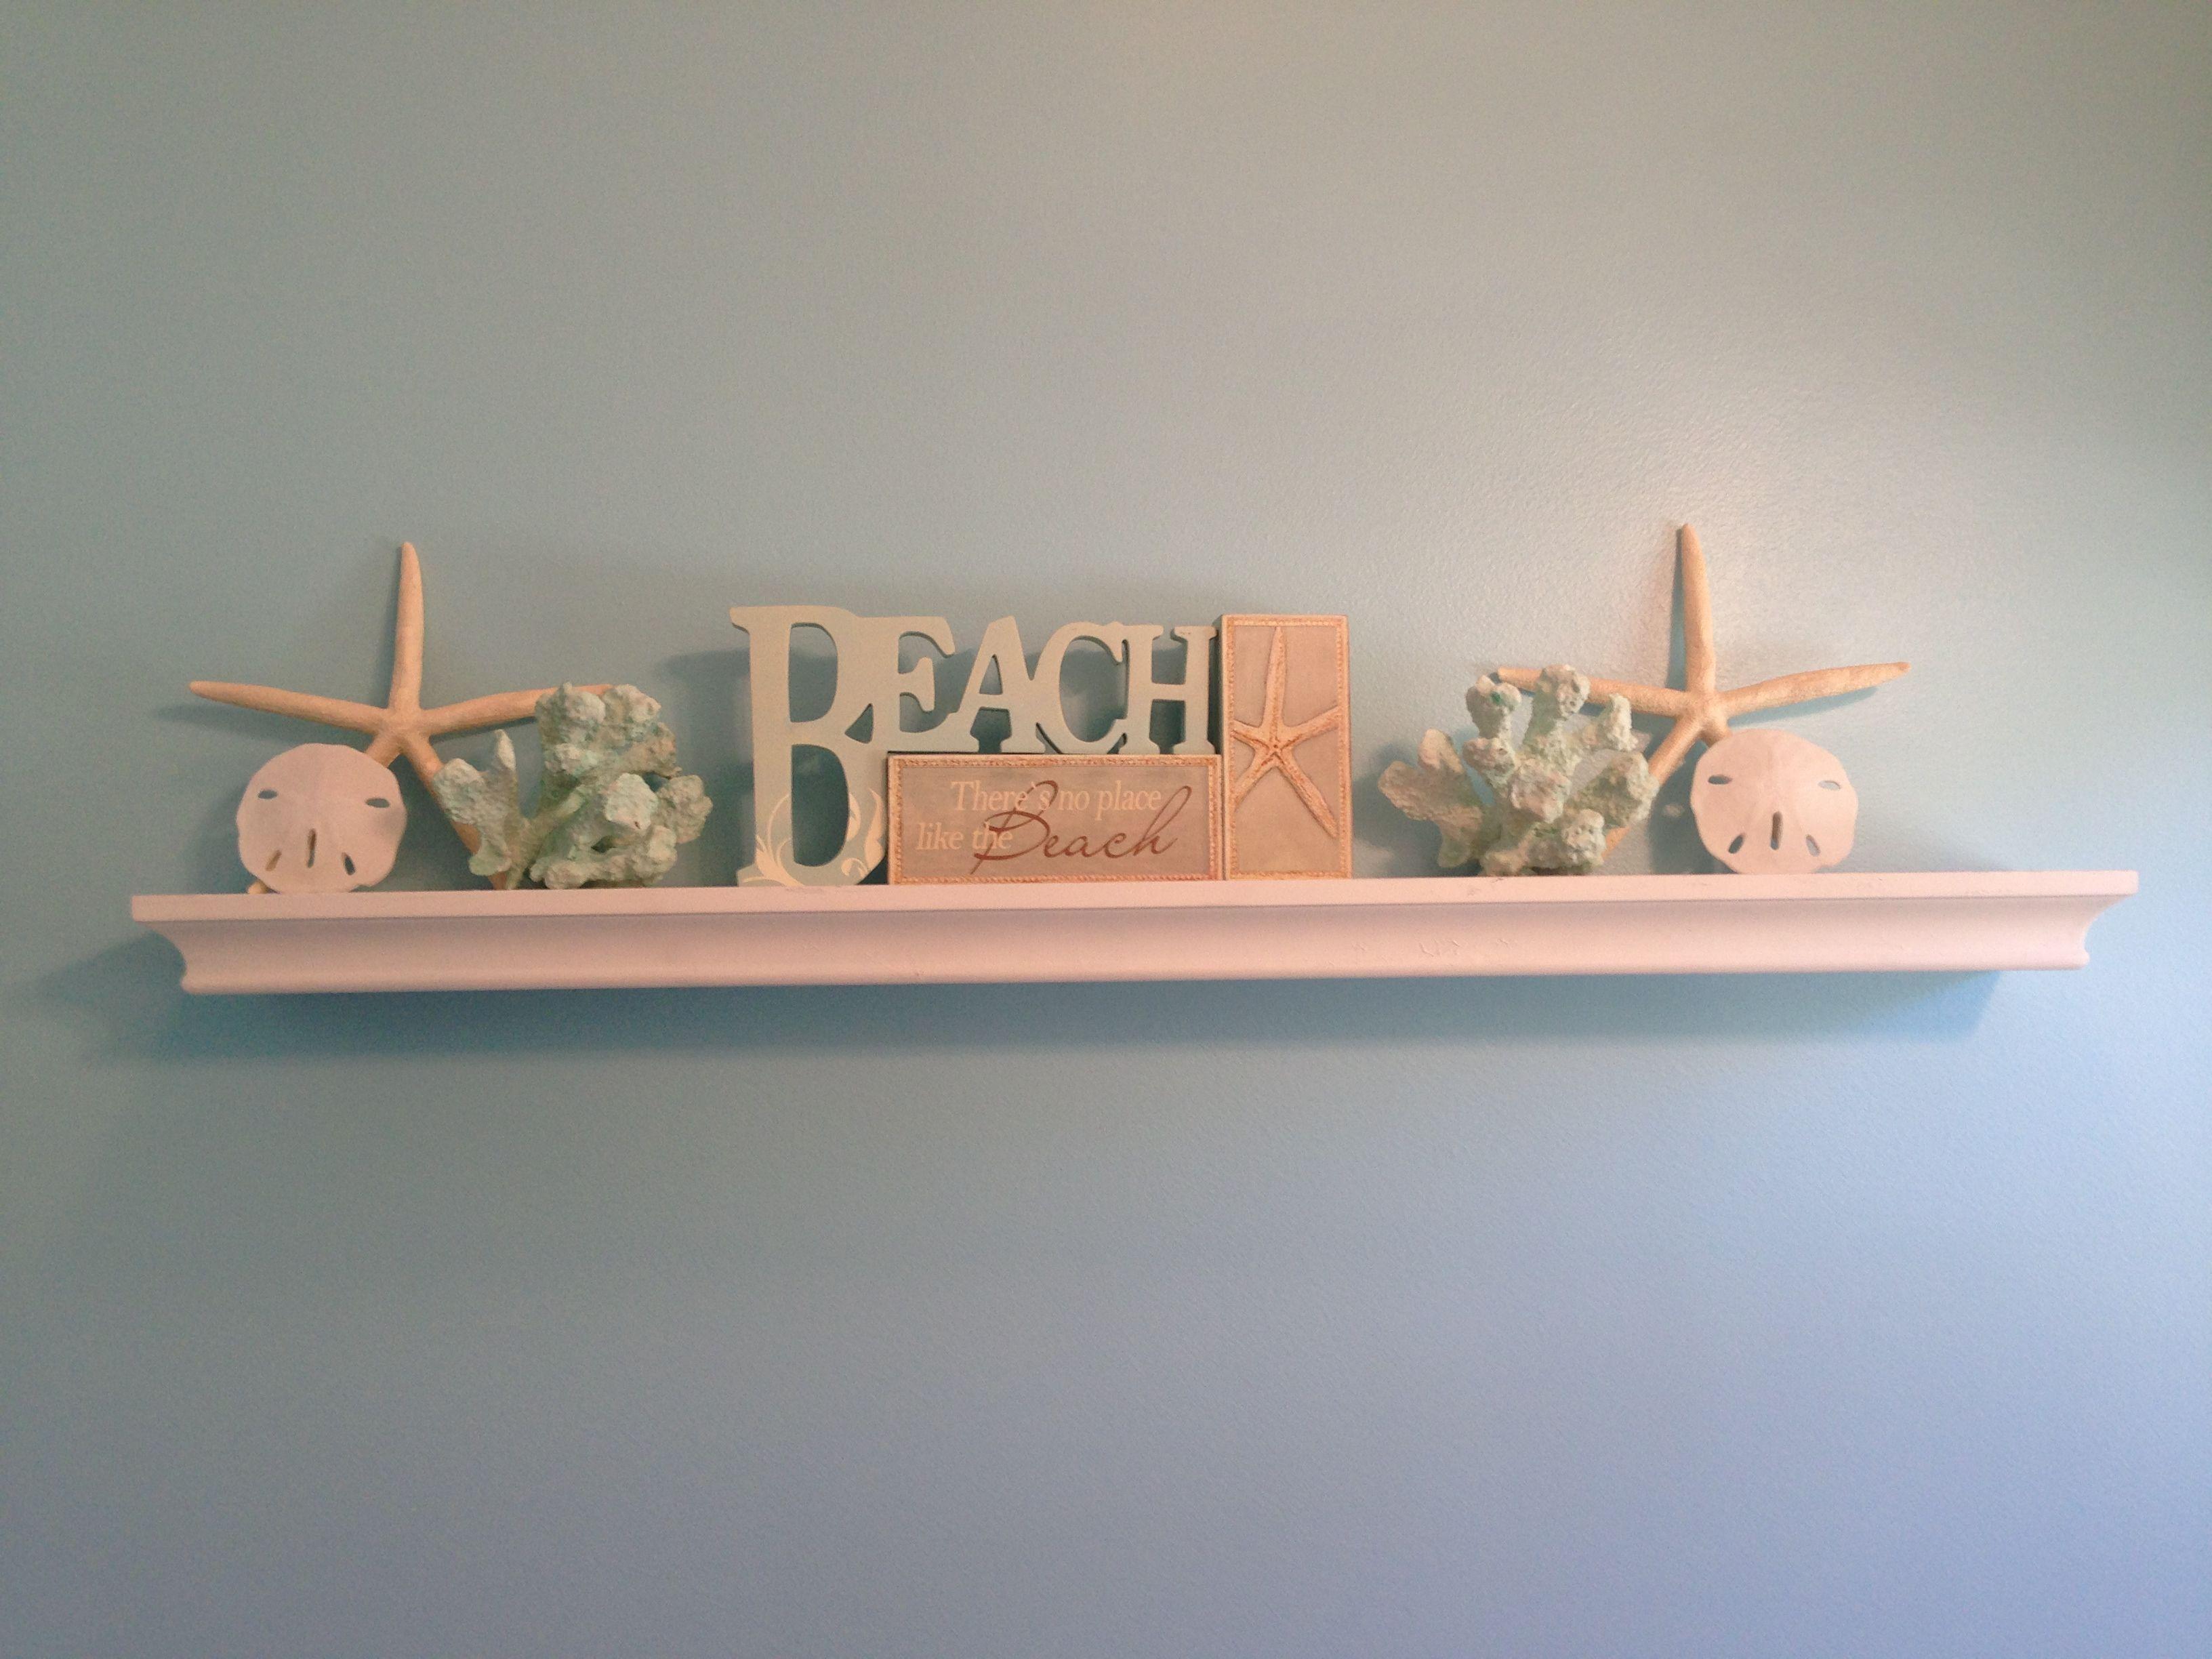 76 Ways To Decorate A Small Bathroom Beach Theme Bathroom Beach